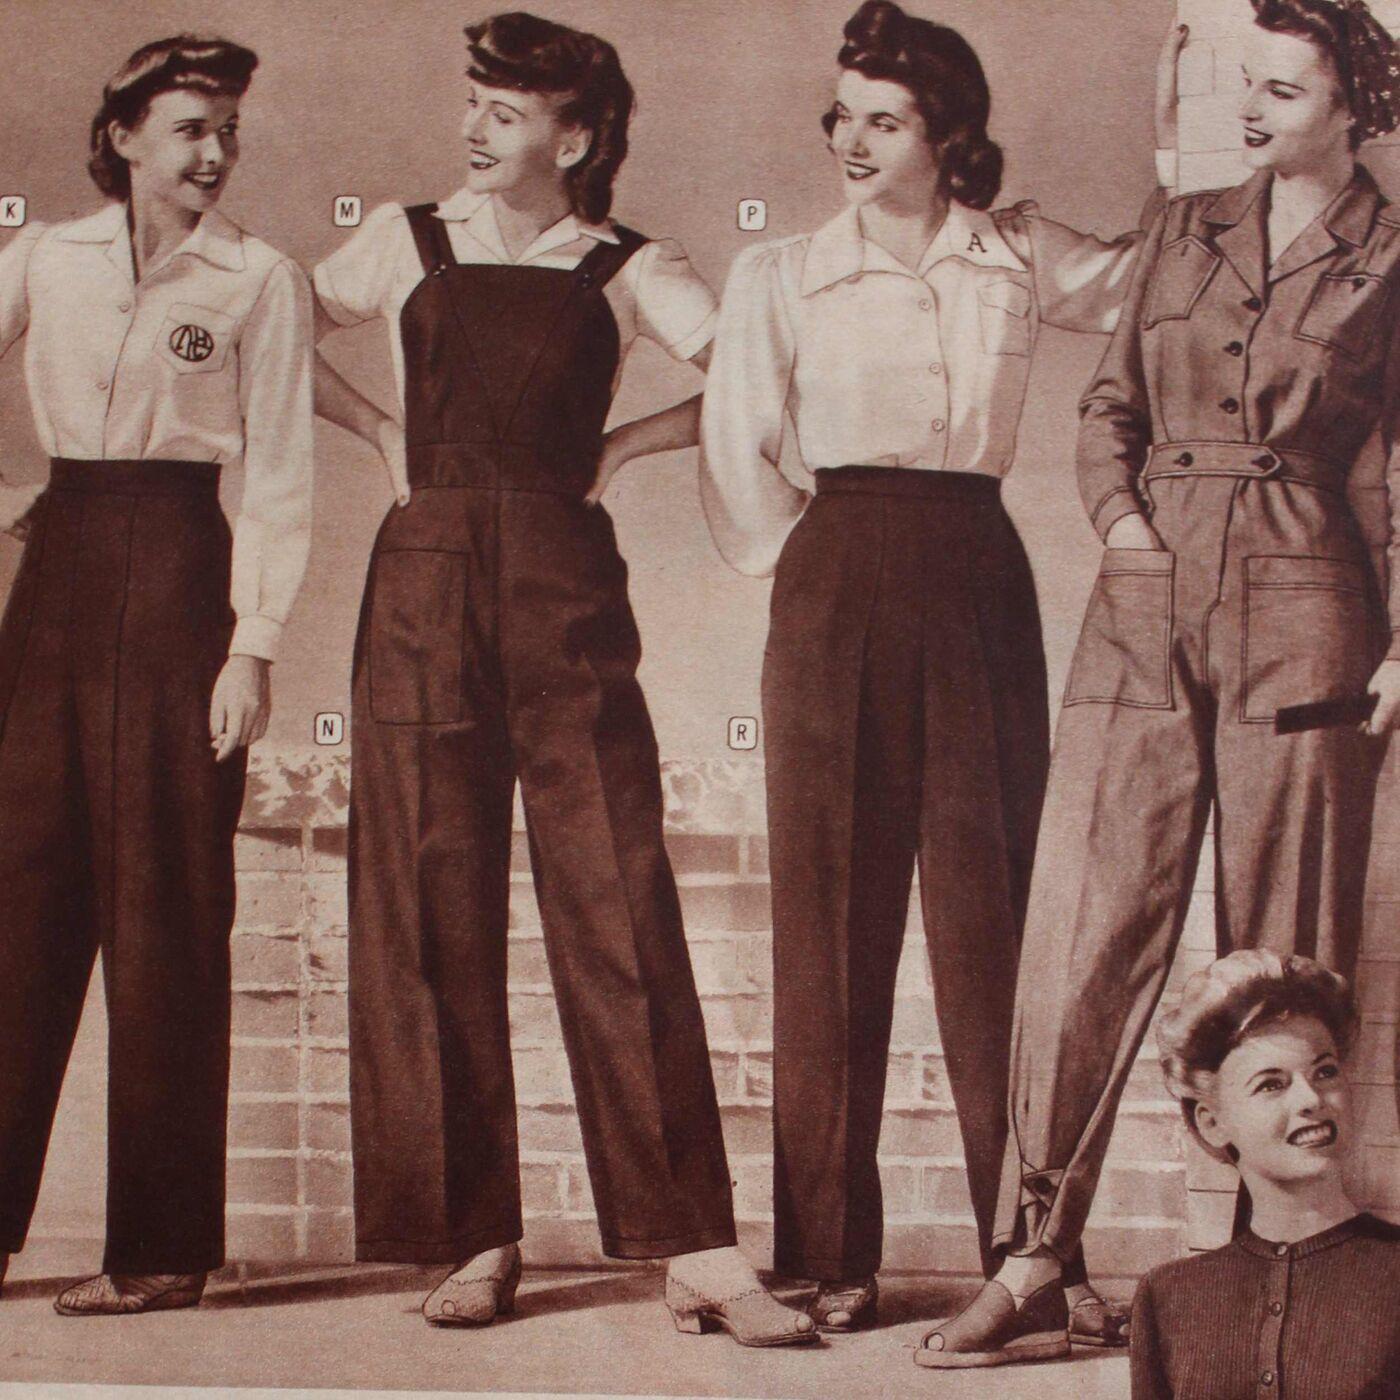 Trousers in women's wear